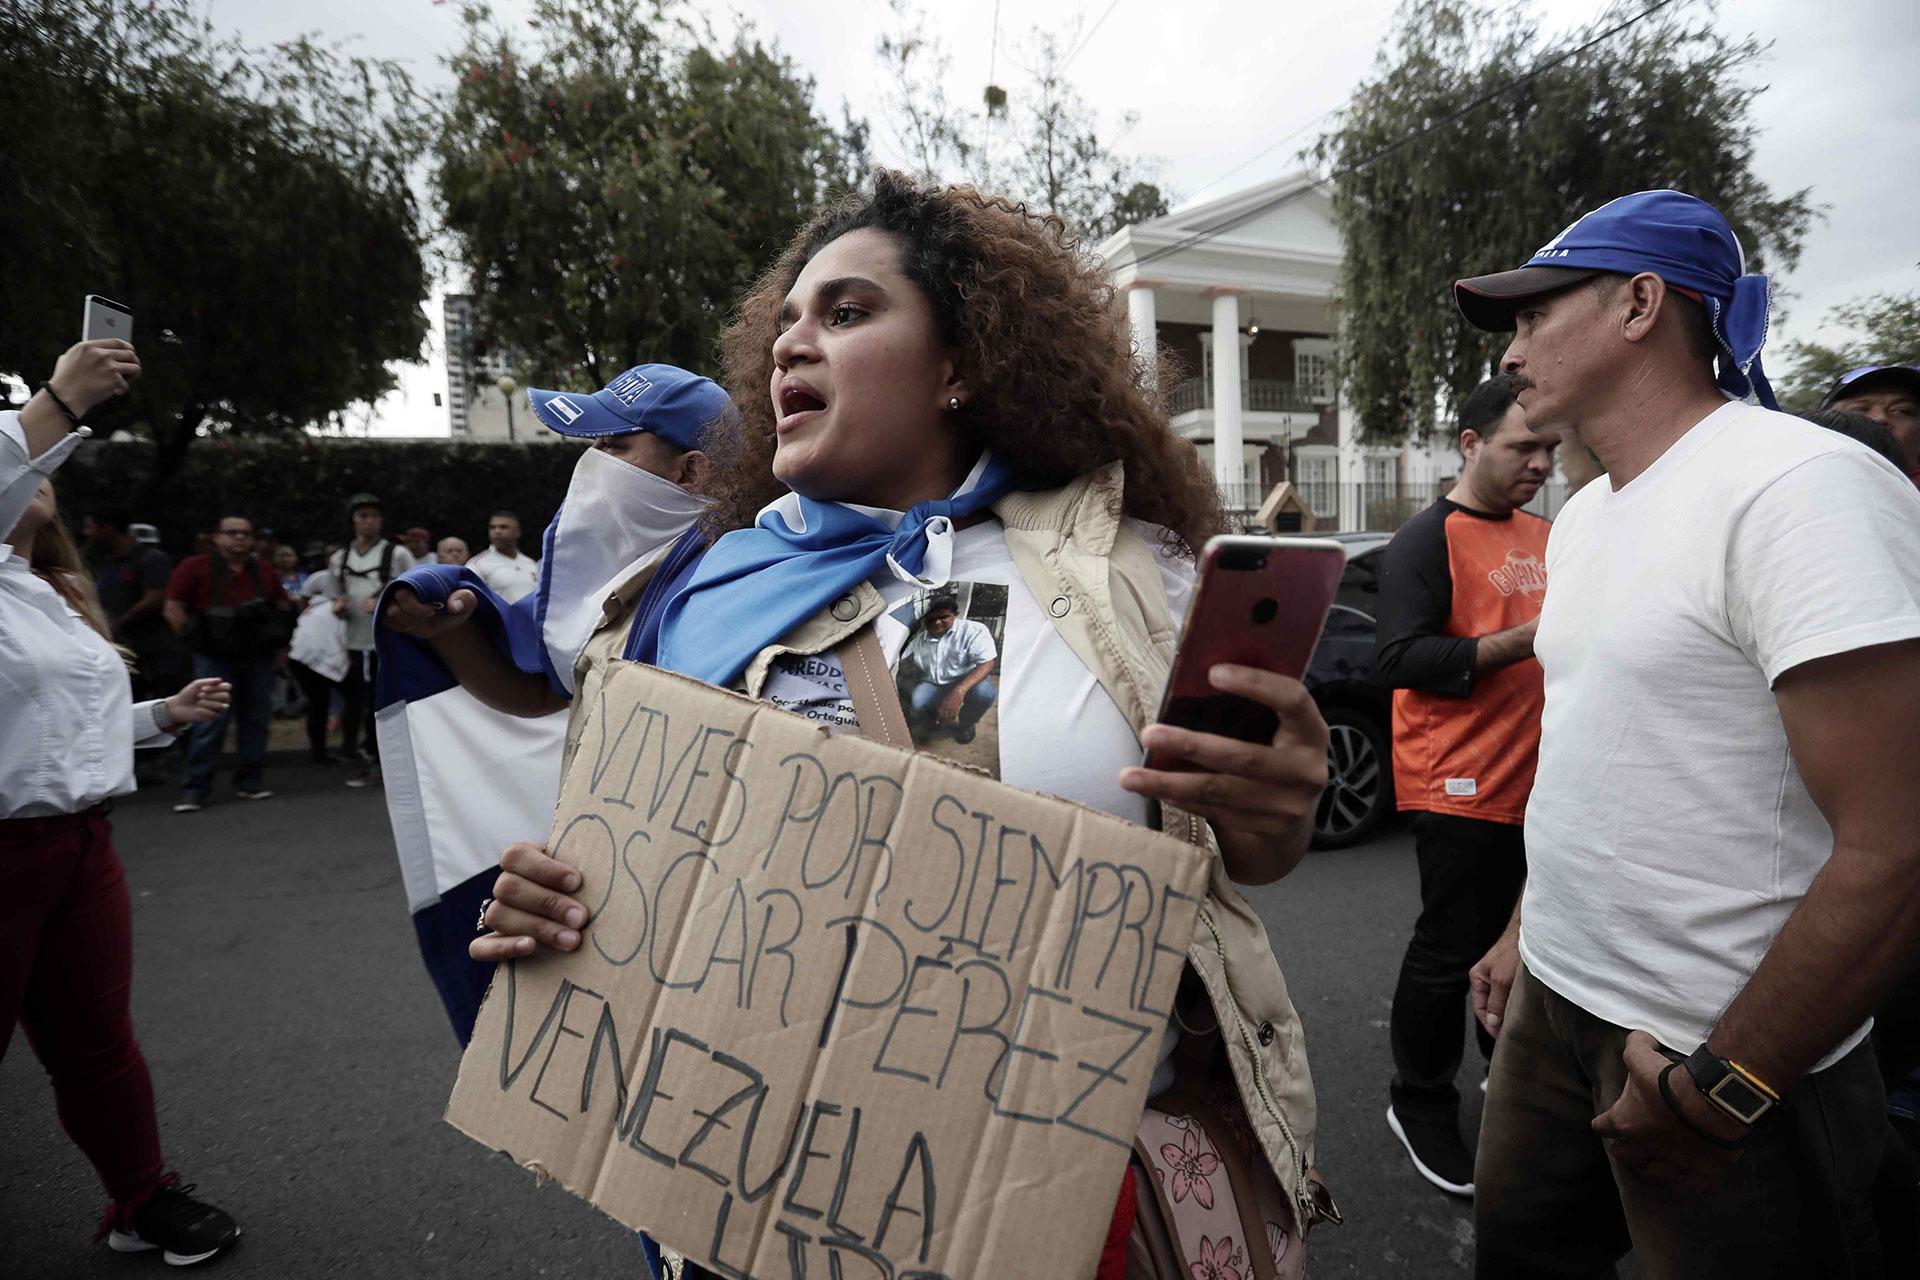 """""""Vives por siempre, Óscar Pérez. Venezuela libre"""", señaló una manifestante en Costa Rica en alusión al policía venezolano que se rebeló contra Maduro y fue asesinado en una emboscada de tropas chavistas el 15 de enero de 2018"""